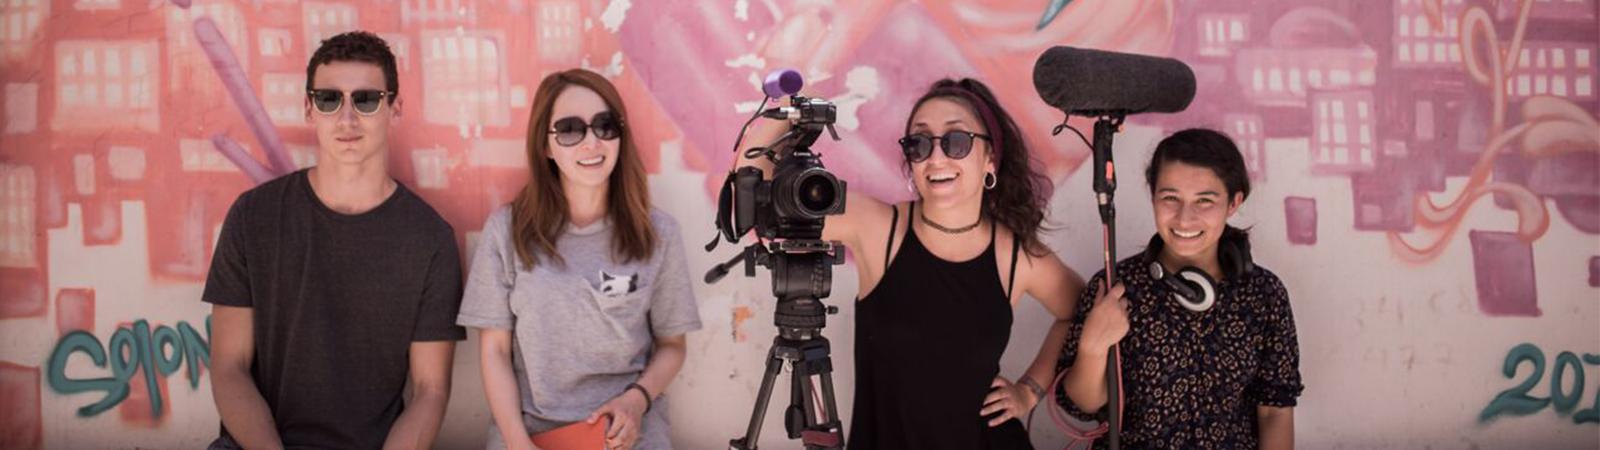 2018 Jerusalem Film Workshop